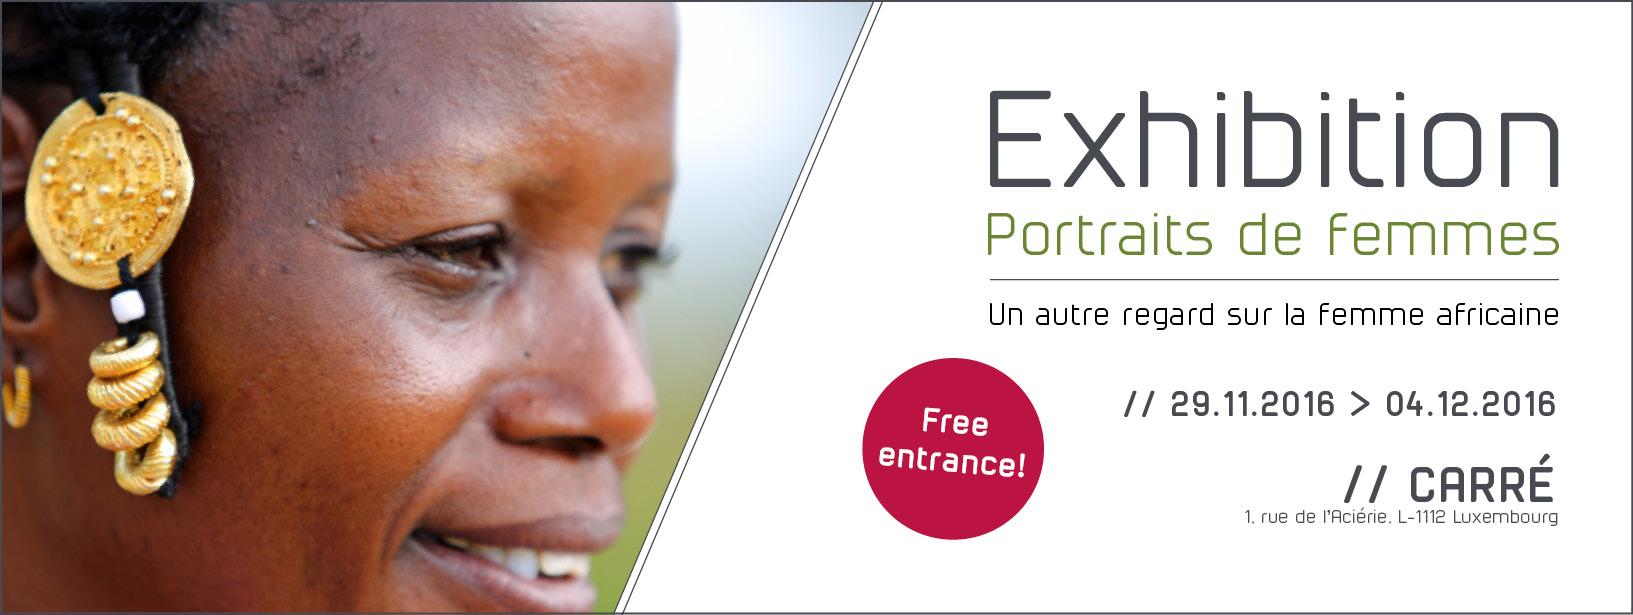 signature-expo-2016